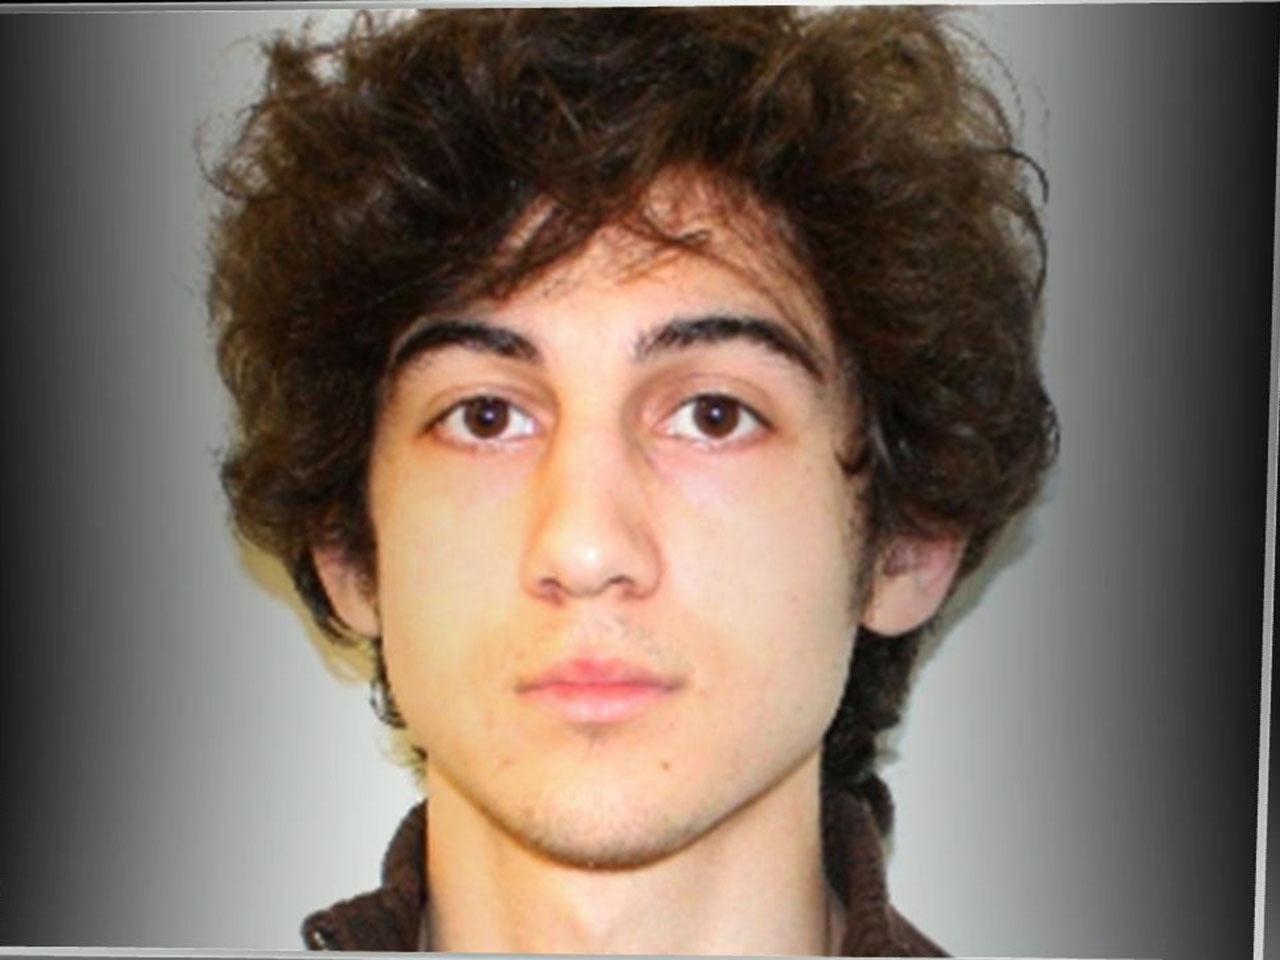 dzhokhar tsarnaev - photo #23